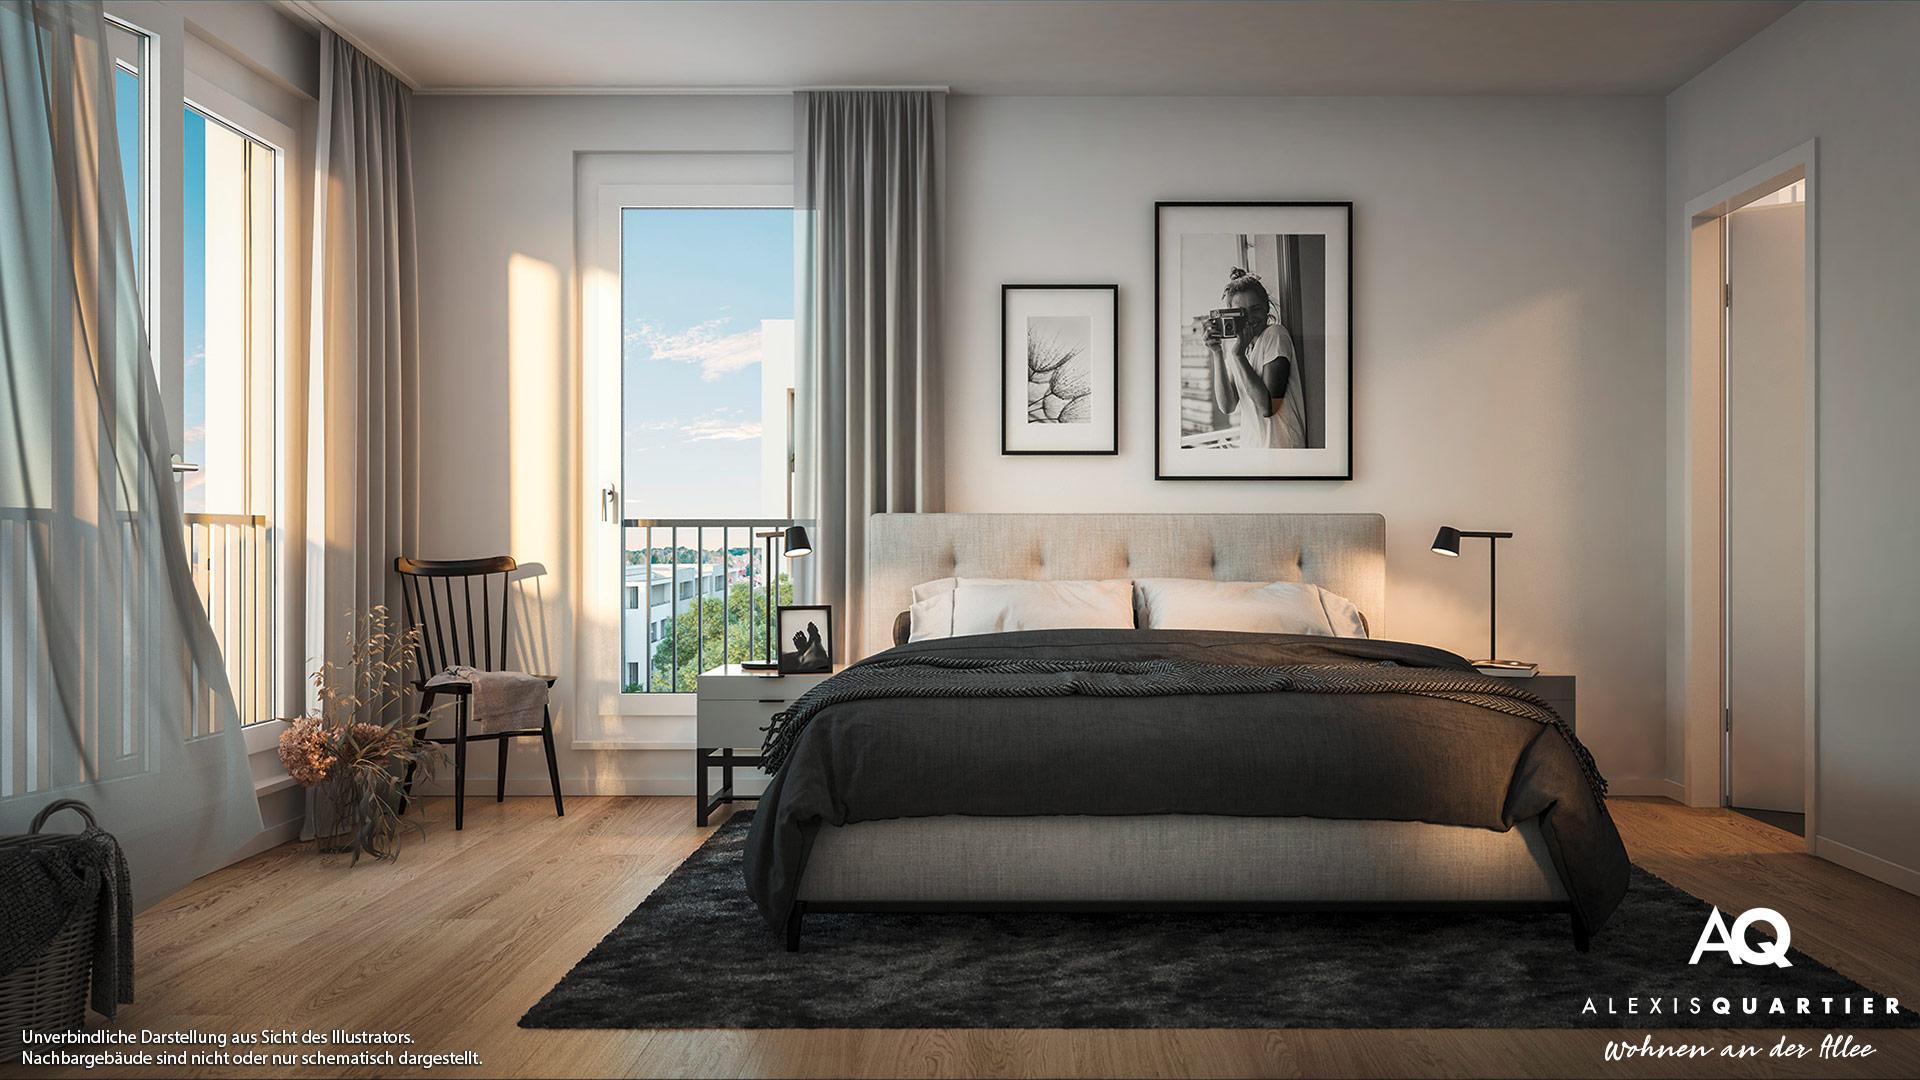 Immobilie Alexisquartier - Wohnen an der Allee - Illustration 11